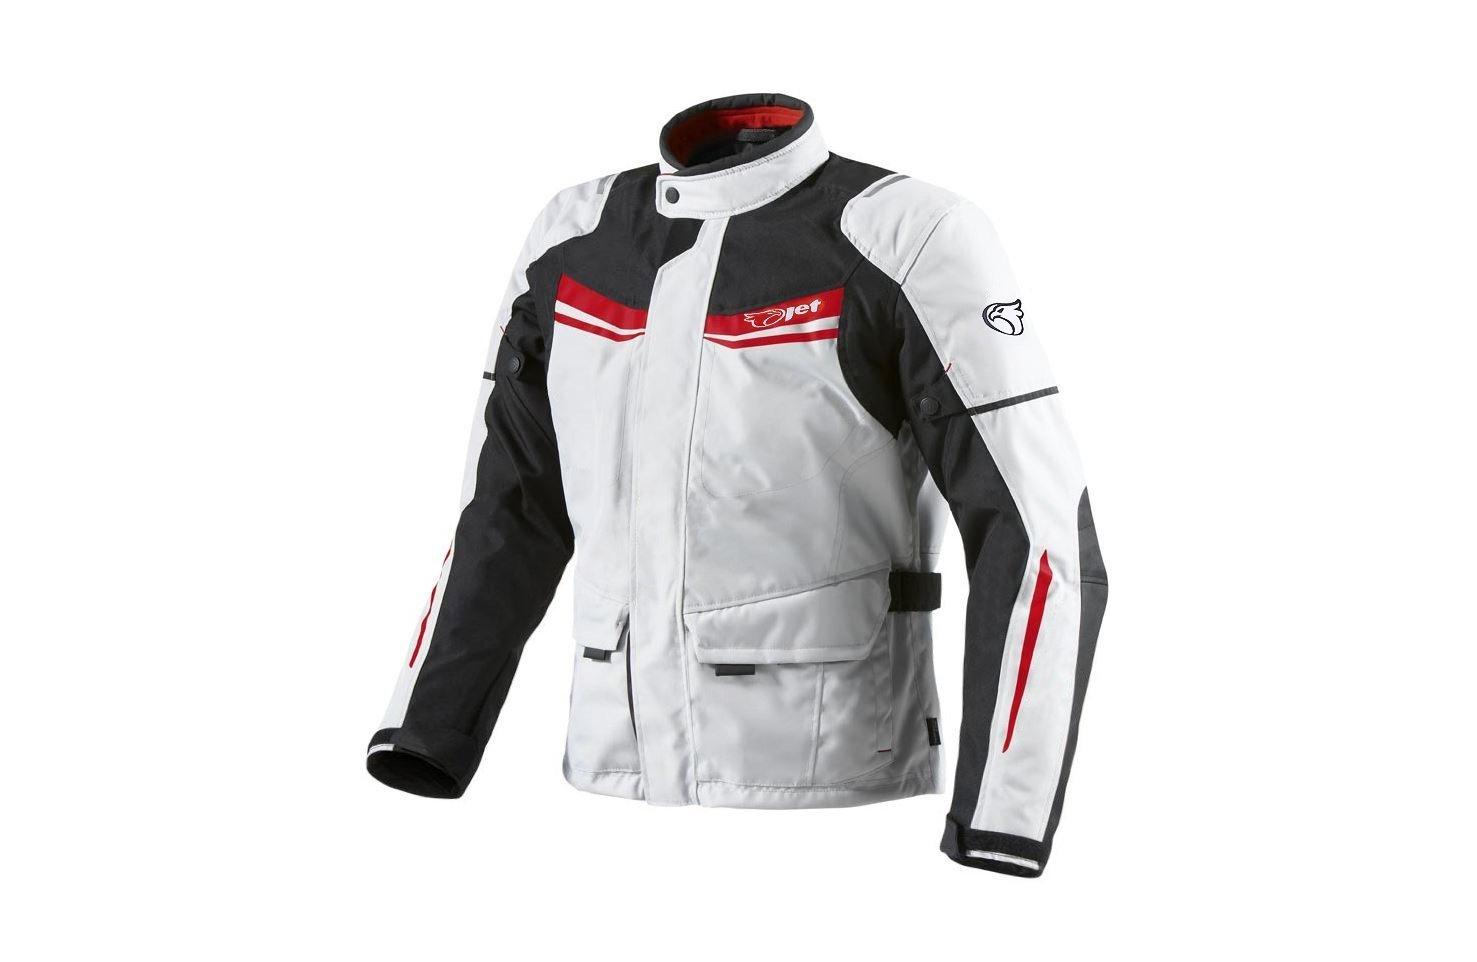 JET Chaqueta Moto Hombre Textil Impermeable con Armadura Aquatex (5XL (EU 60-62), Blanco Rojo)